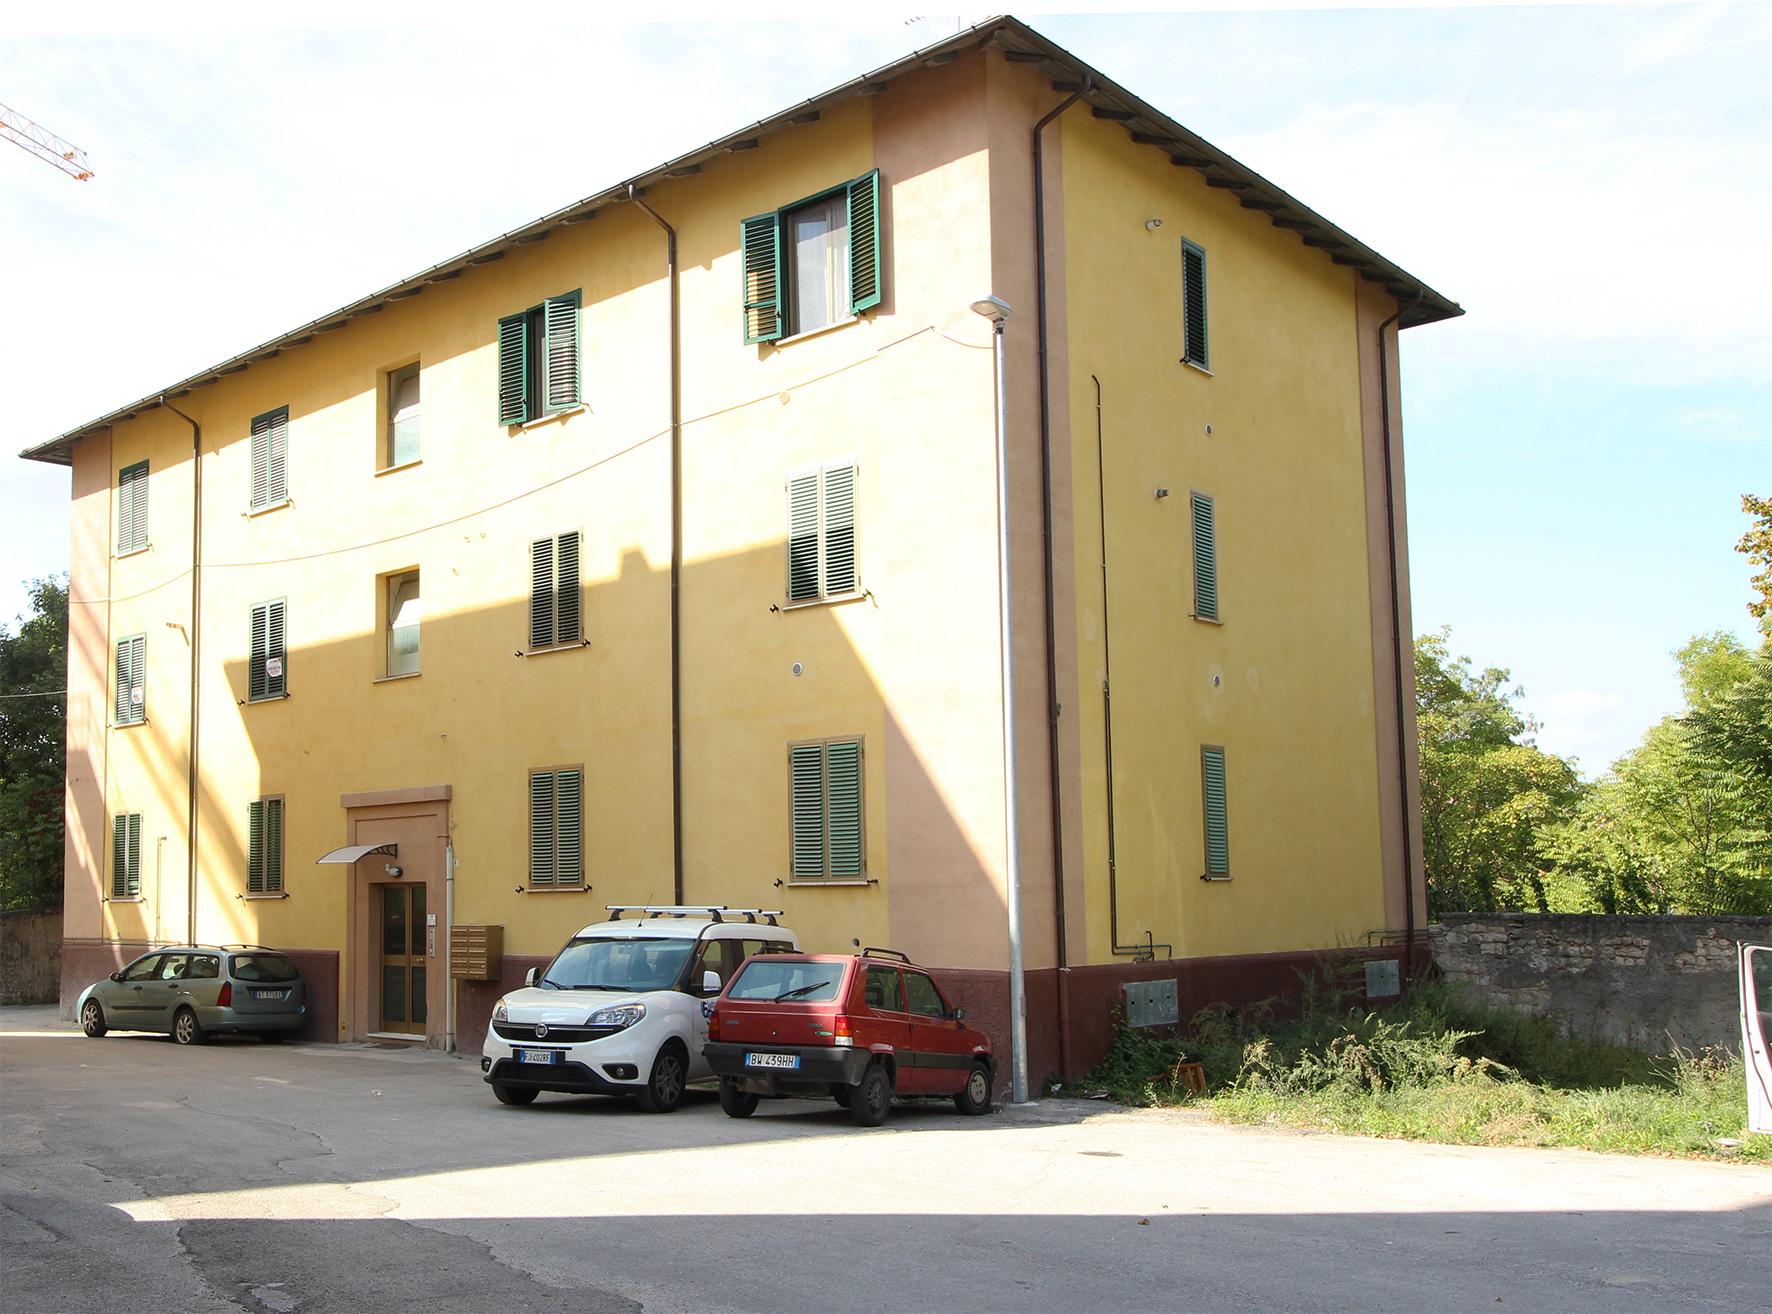 Appartamento in vendita a L'Aquila, 3 locali, zona Località: Centrostorico, prezzo € 54.000 | CambioCasa.it